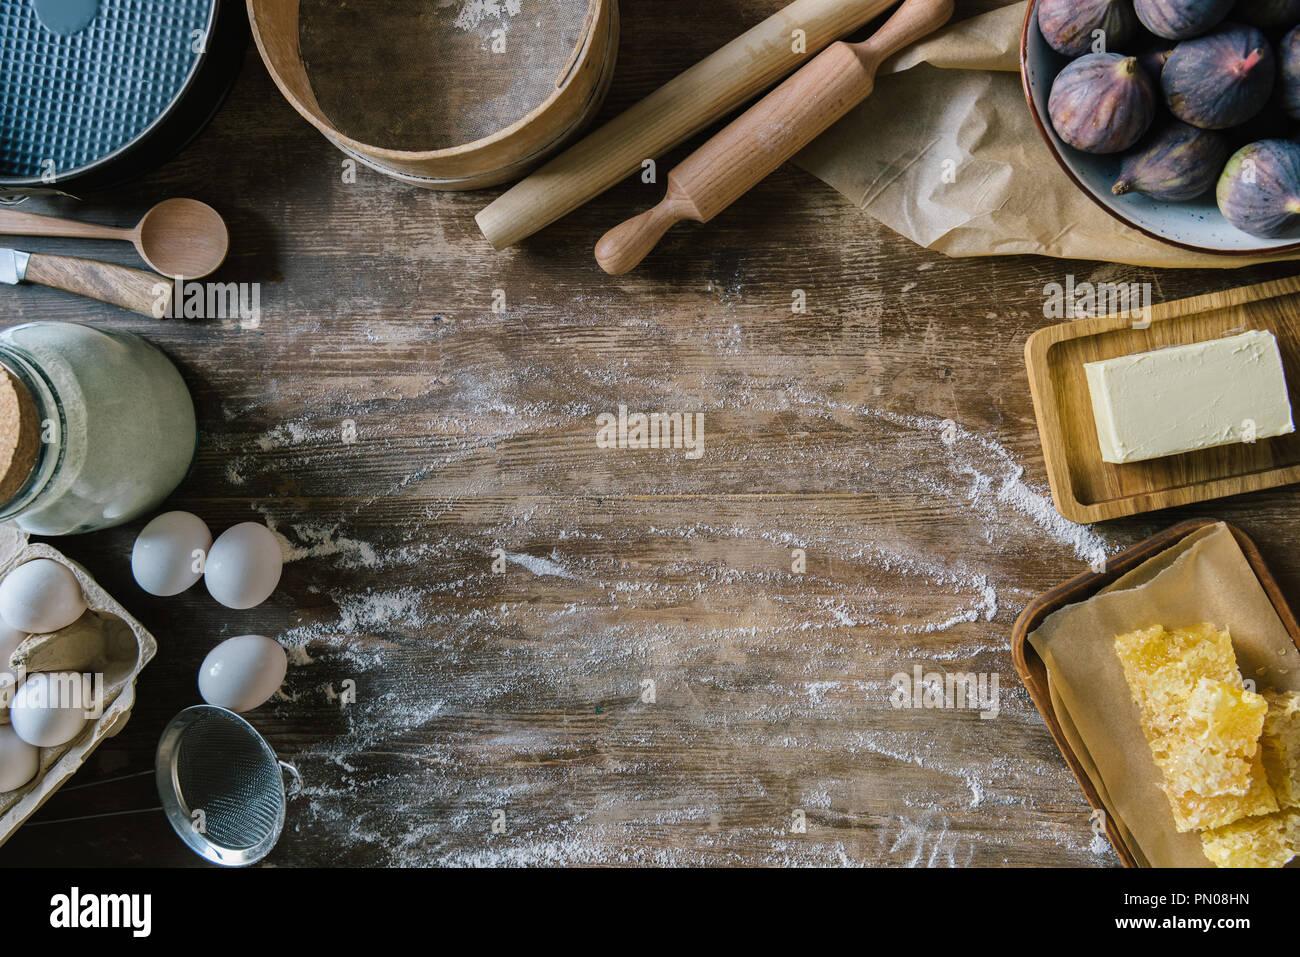 Vista superiore del disordine tavolo in legno con fuoriuscite di farina e il lievito ingredienti Immagini Stock